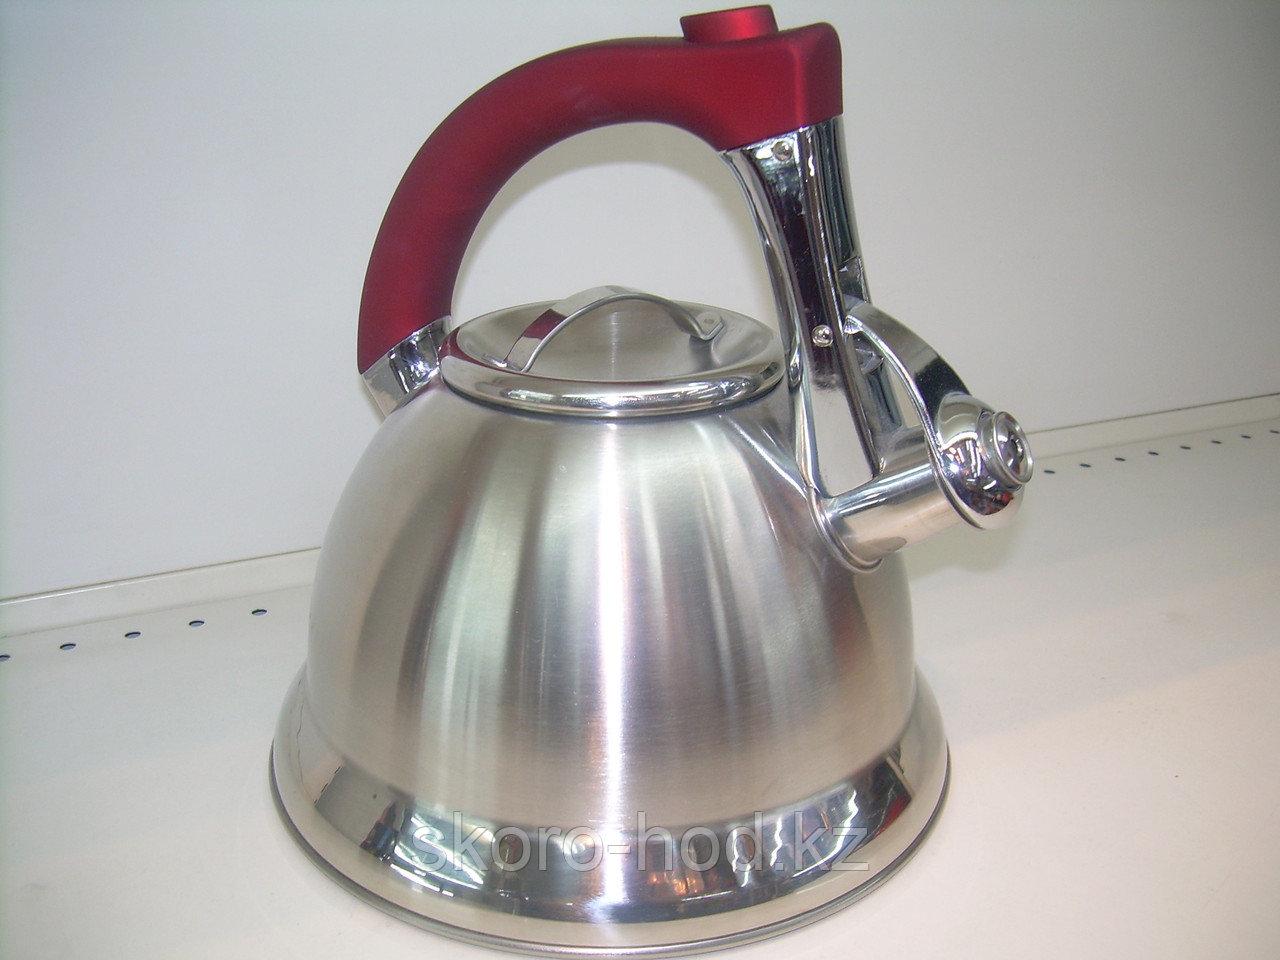 Чайник со свистком MC.FR 3 литра